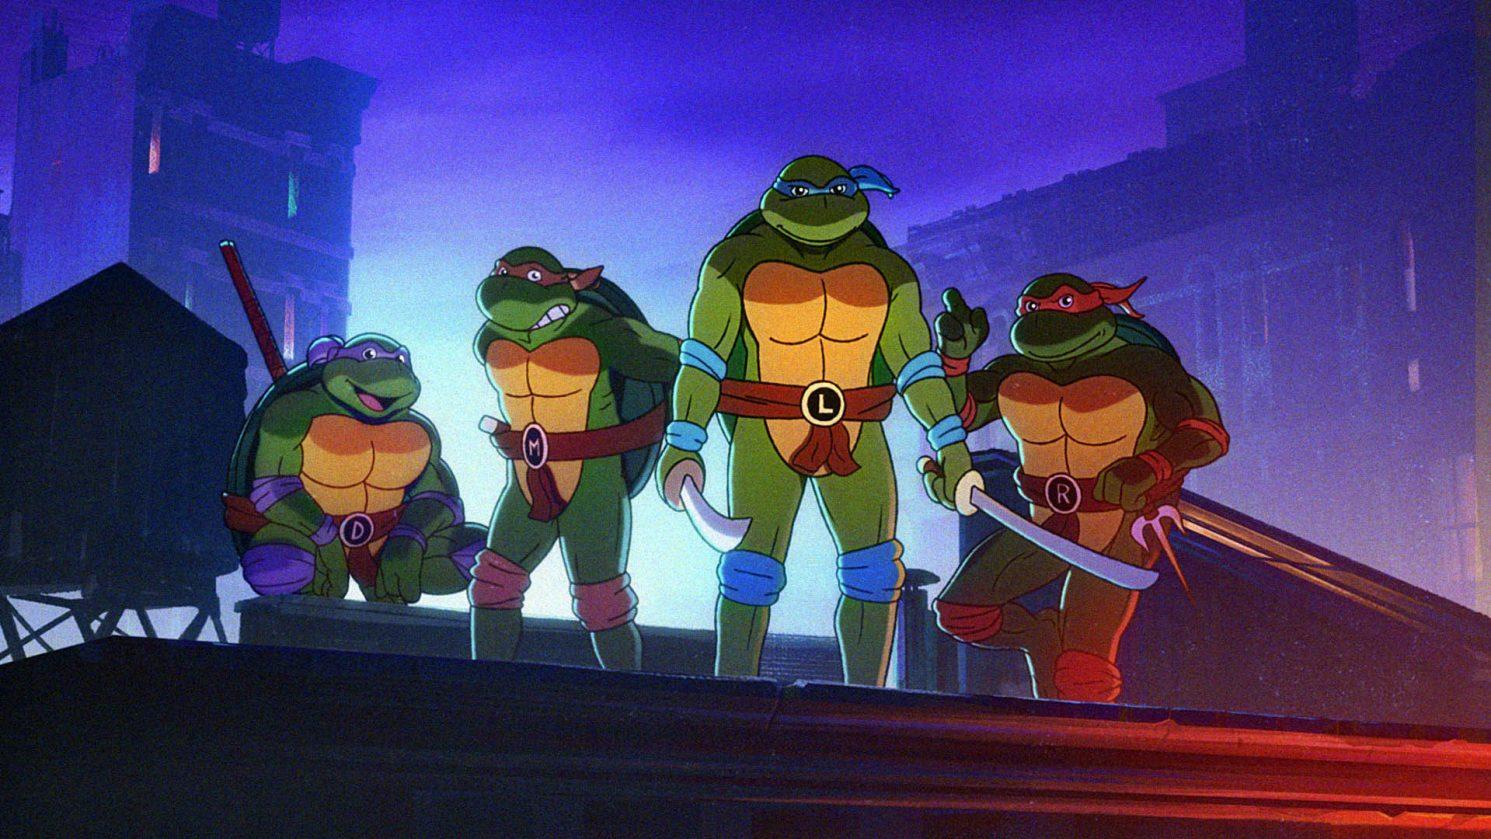 Teenage Mutant Ninja Turtle: Shredder's Revenge